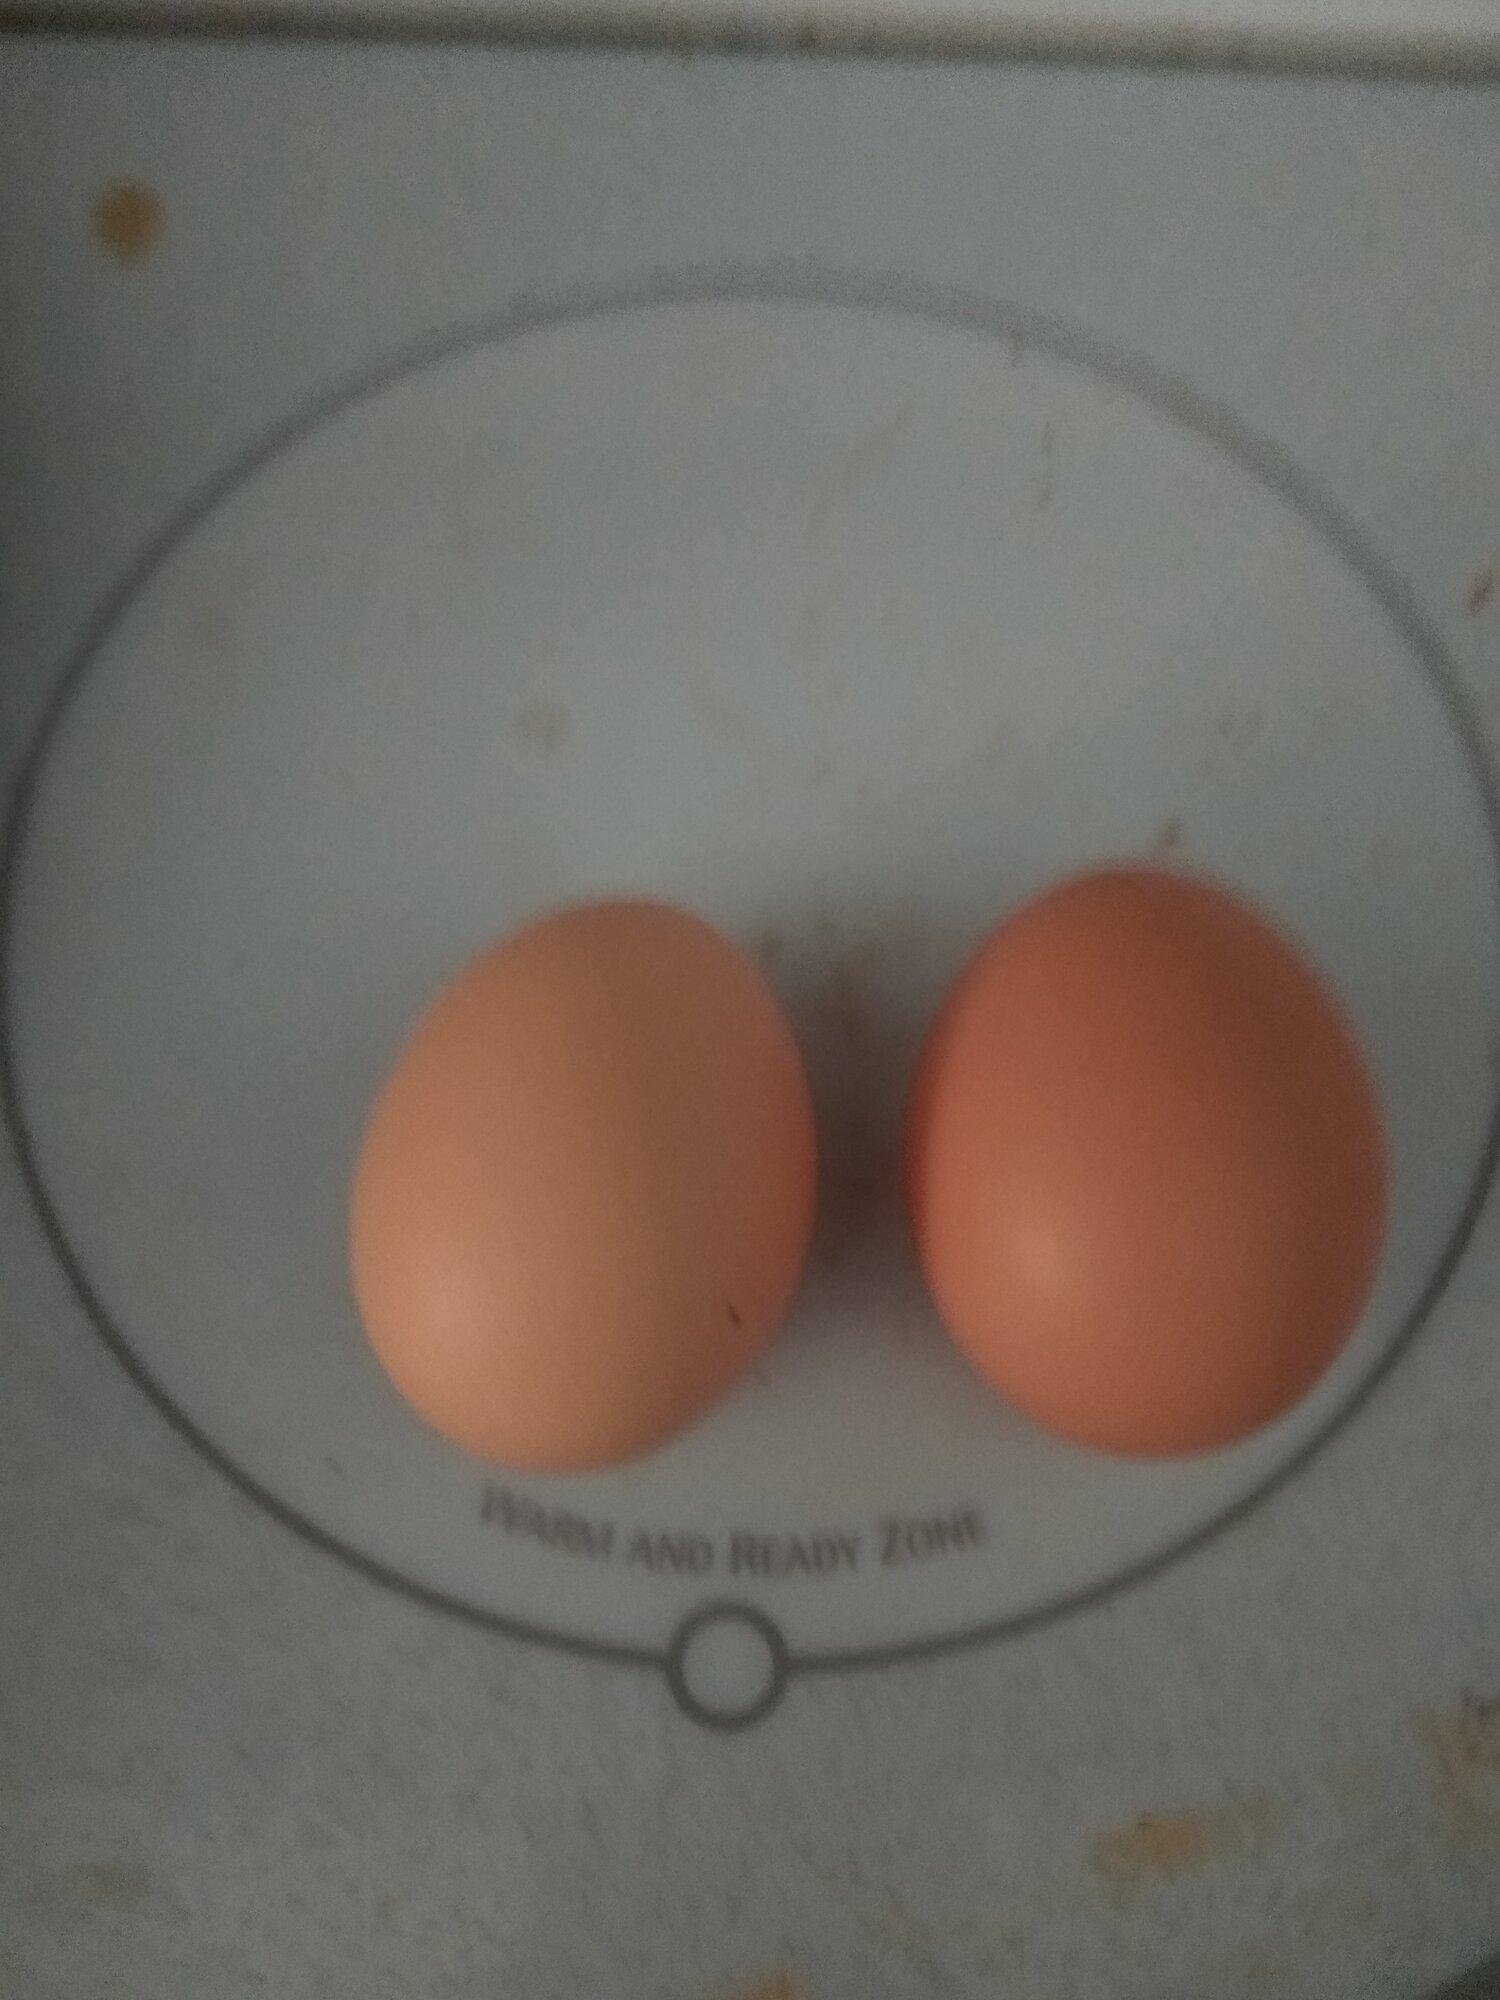 Chicken egg difference.jpg